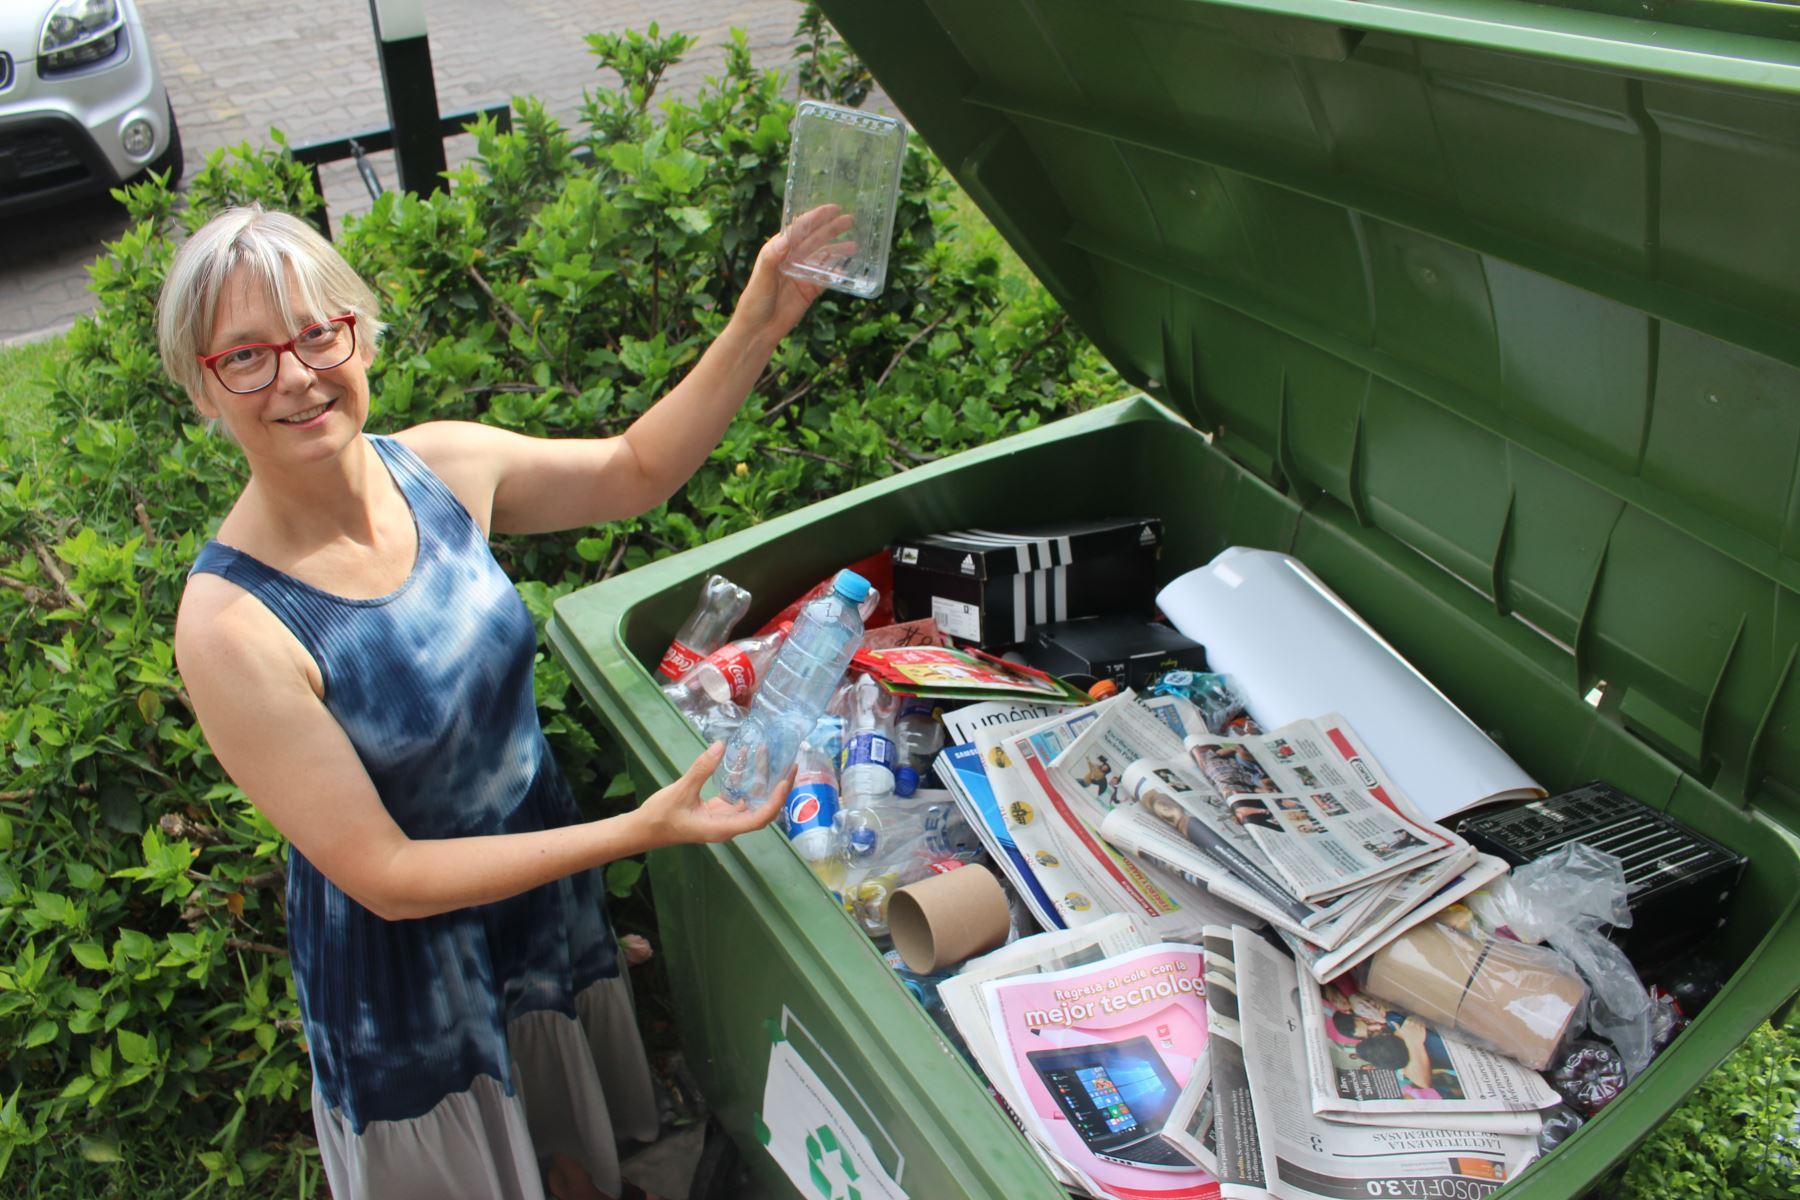 Carola Dürr, directora del Goethe-Institut Perú, muestra todo el material de reciclaje recolectado que se convertirá en arte. Foto: Cortesía